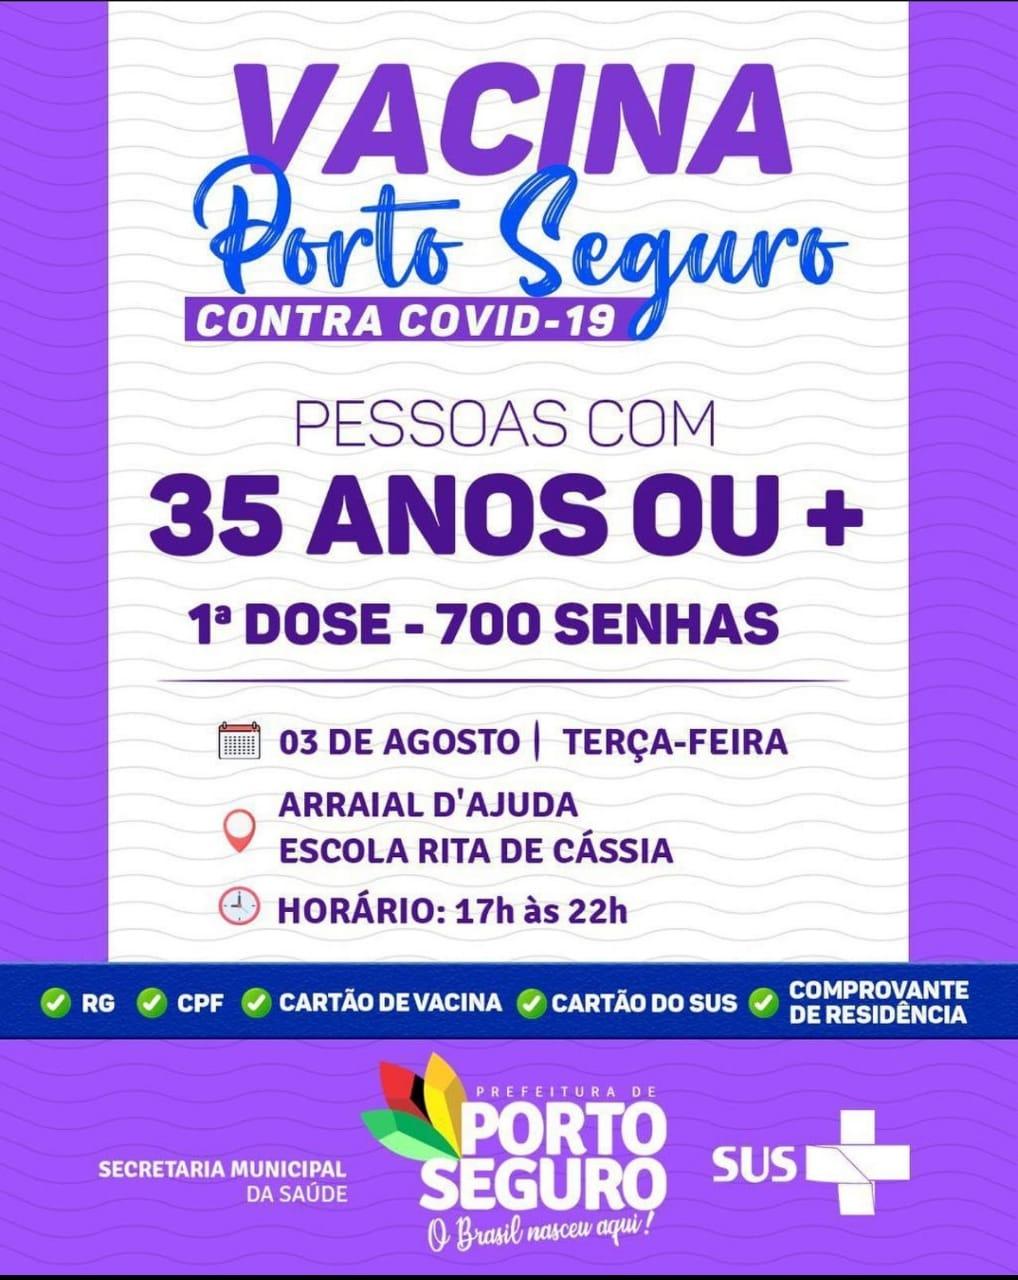 Vacina Porto Seguro contra Covid-19; cronograma de vacinação de 02 a 04 de Agosto 36